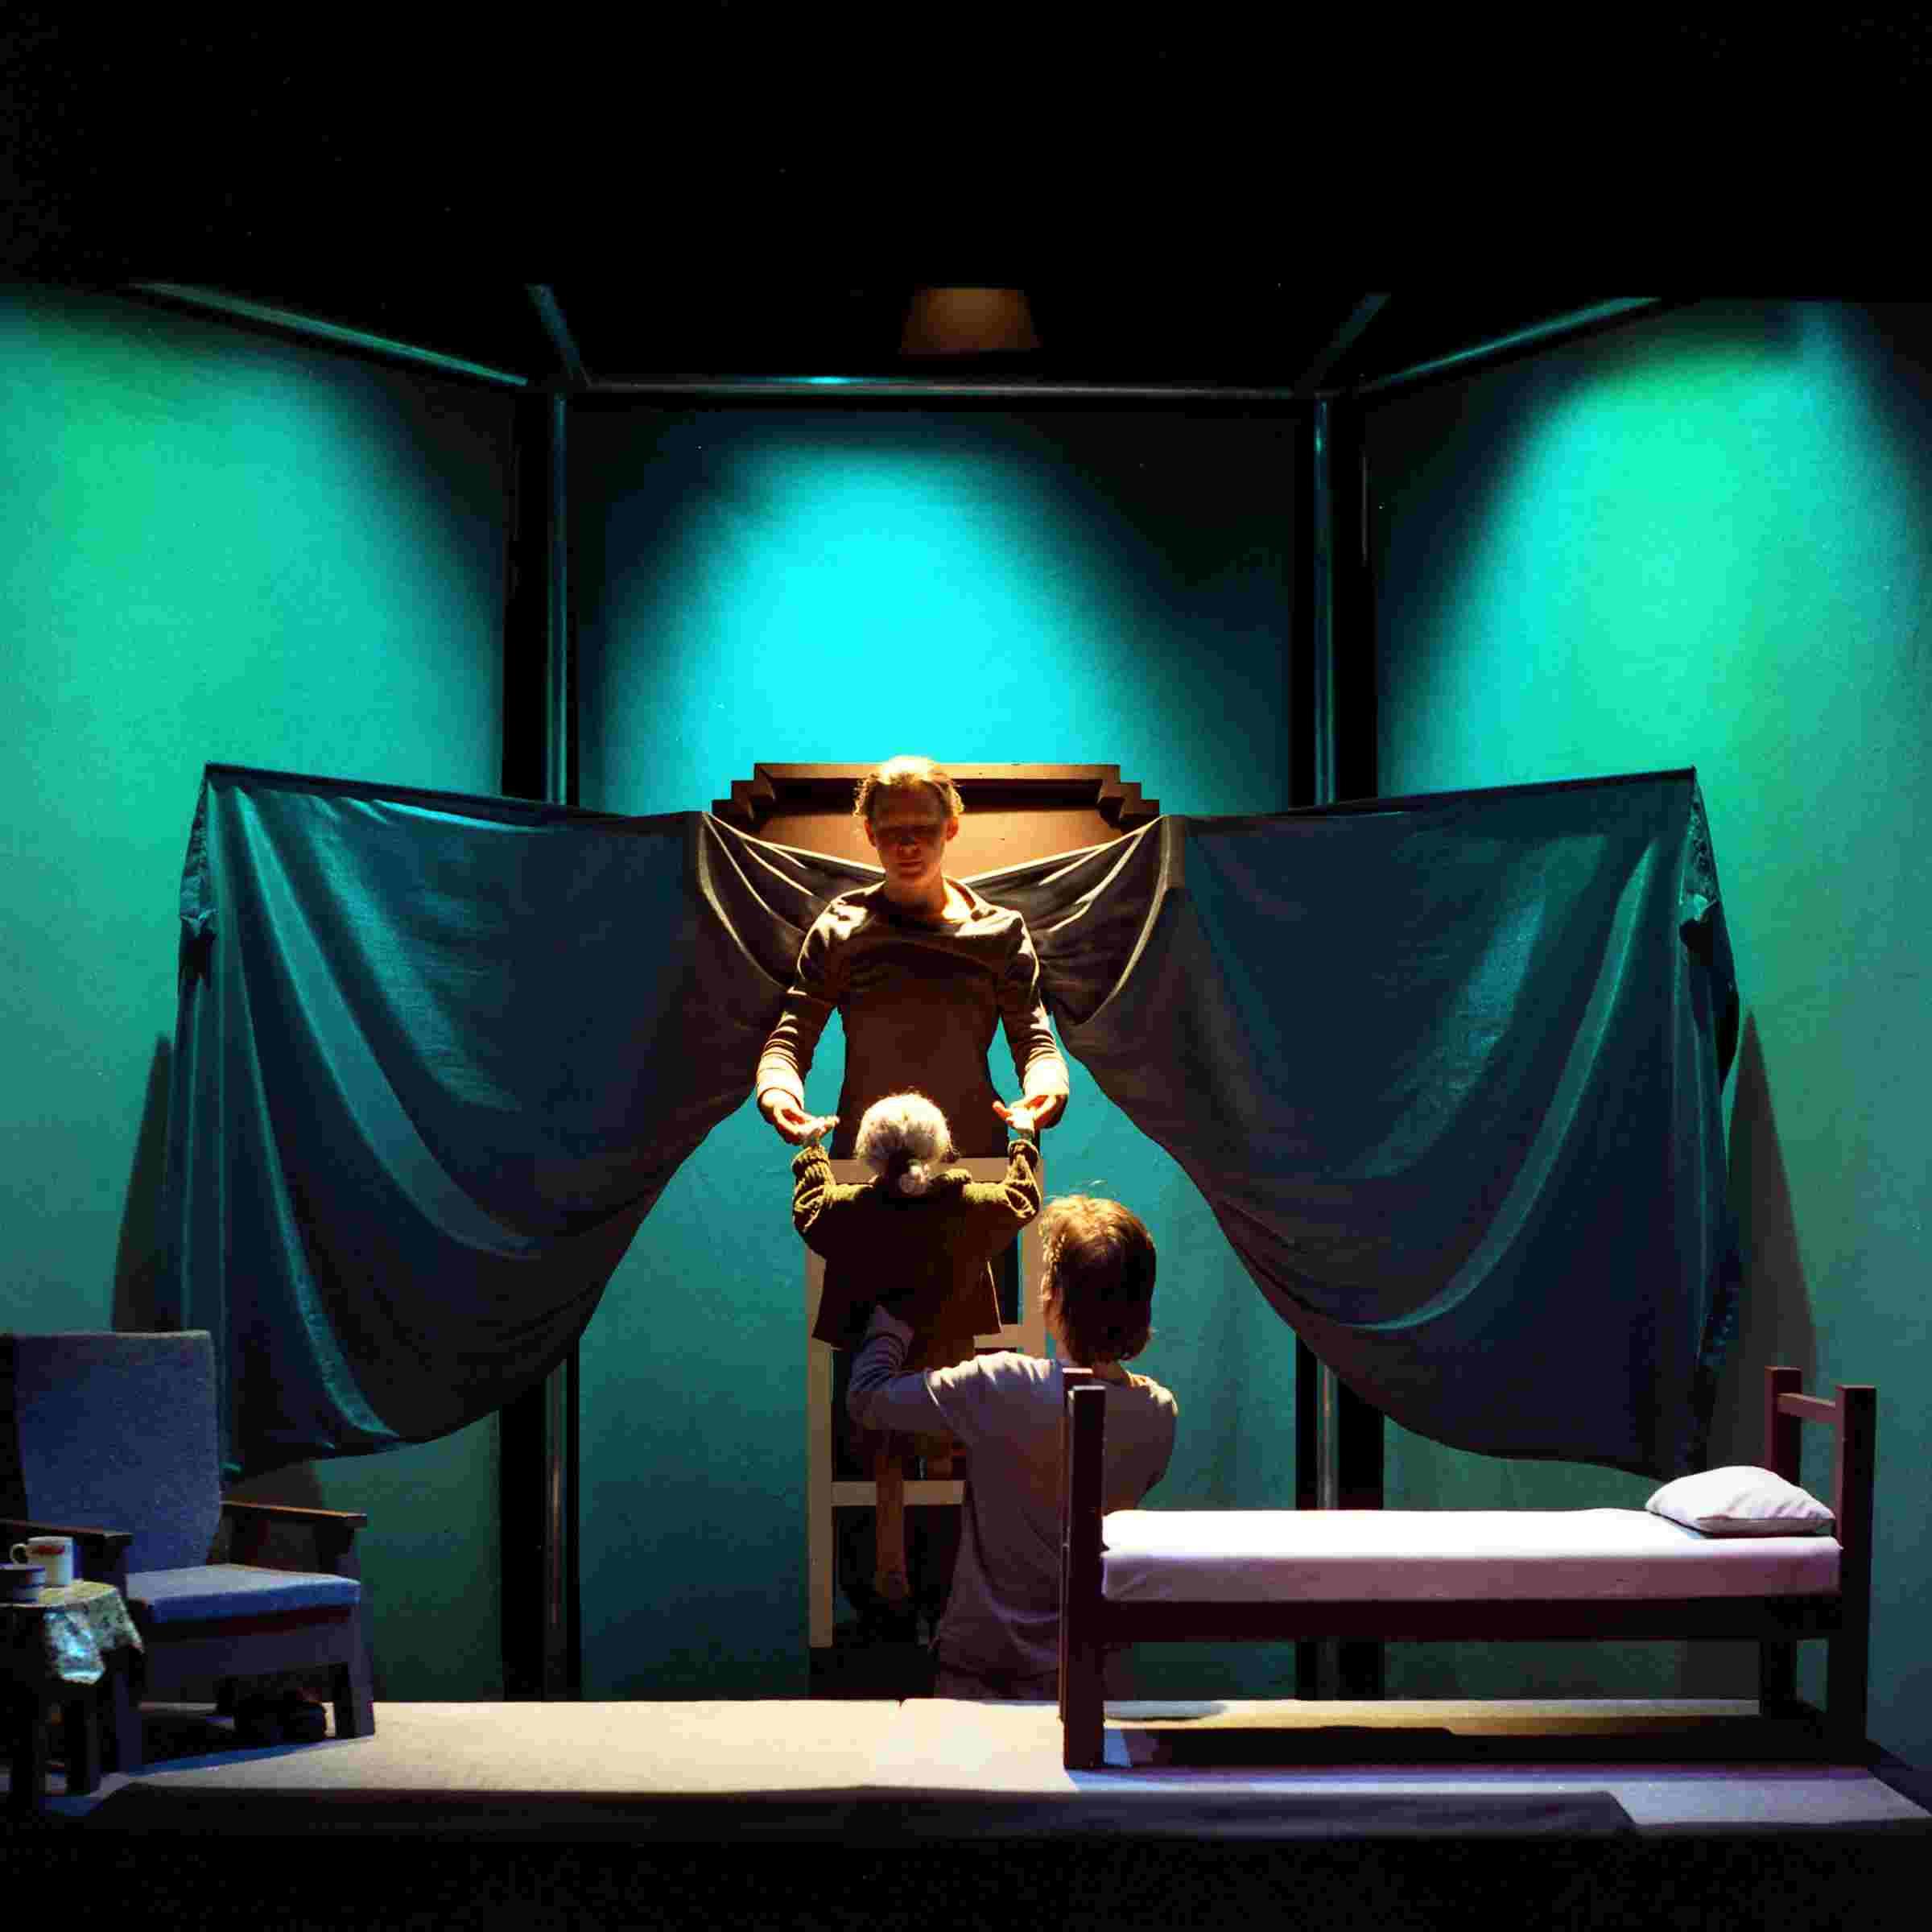 Mary Mary\'s Last Dance 2001: Last Scene. Photographer Ros Kavanagh. Lighting Design Nick Mc Call. Featuring Niamh Lawlor and Helene Hugel